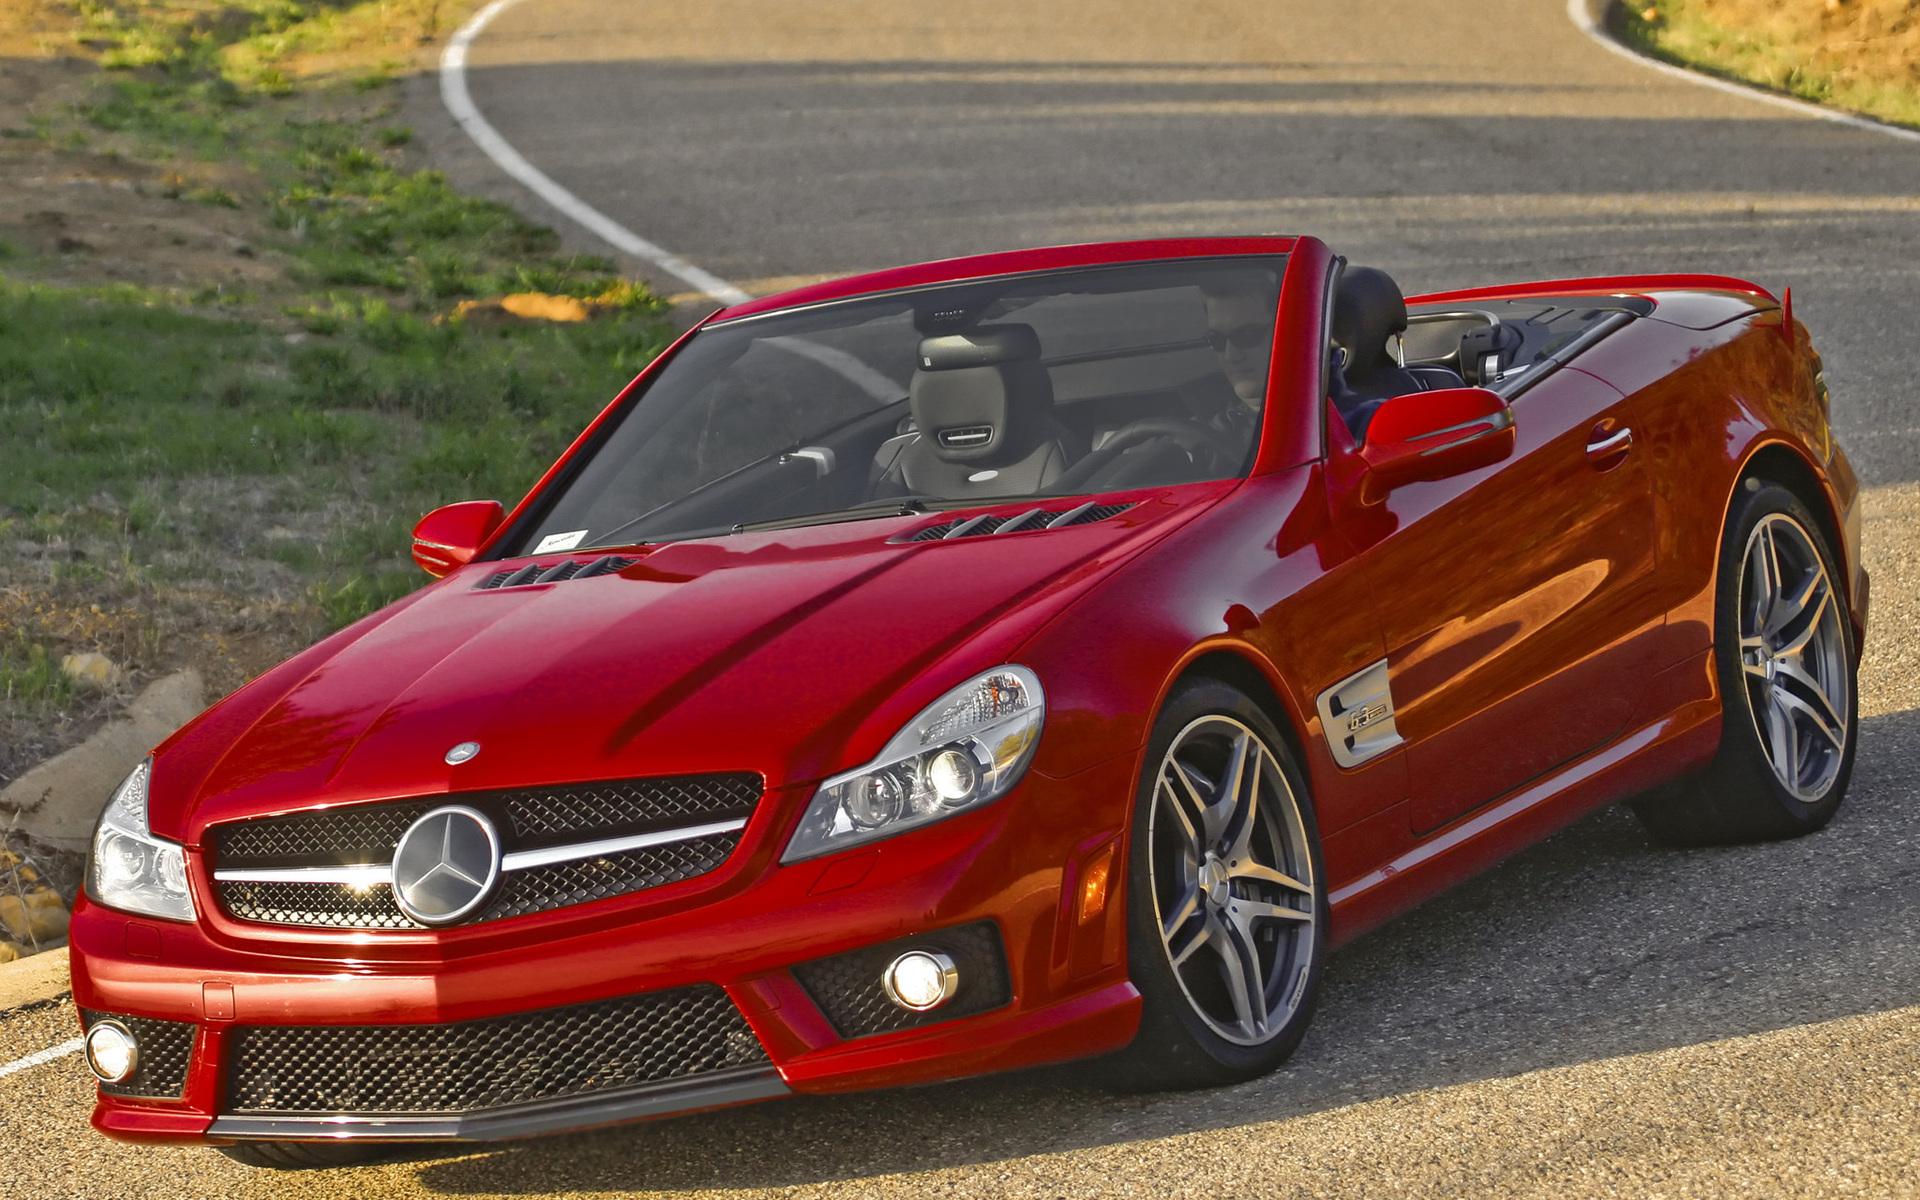 48893 скачать обои Транспорт, Машины, Мерседес (Mercedes) - заставки и картинки бесплатно